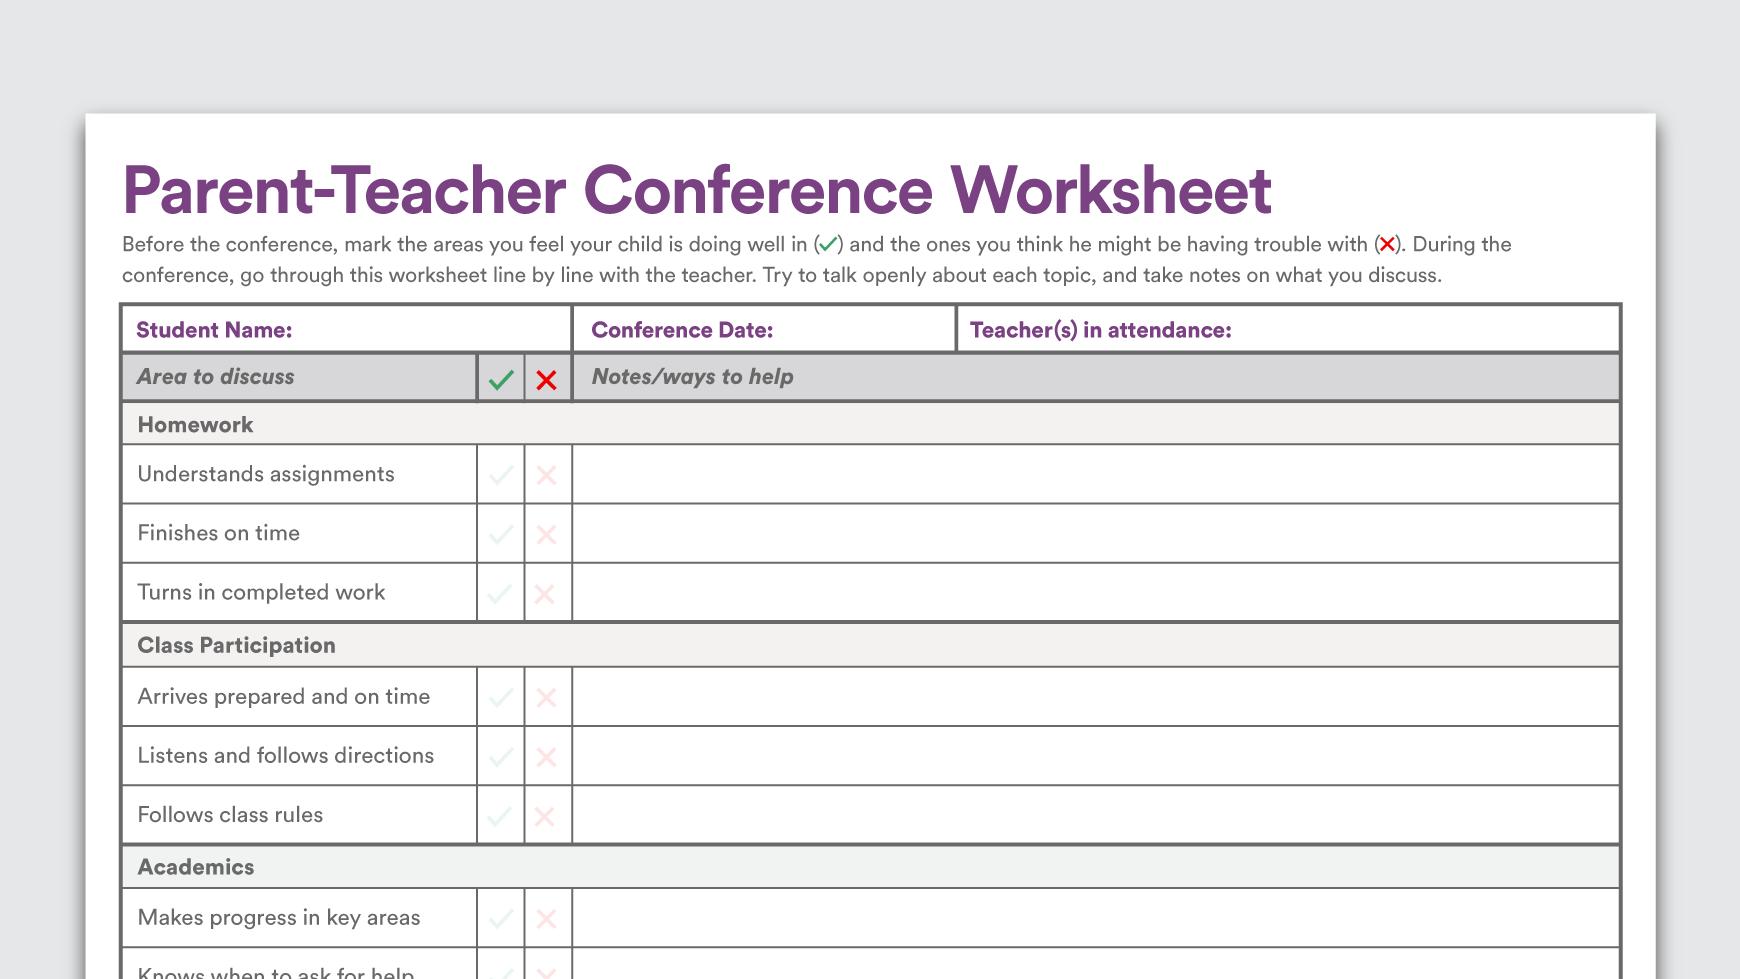 Parent-Teacher Conference Worksheet